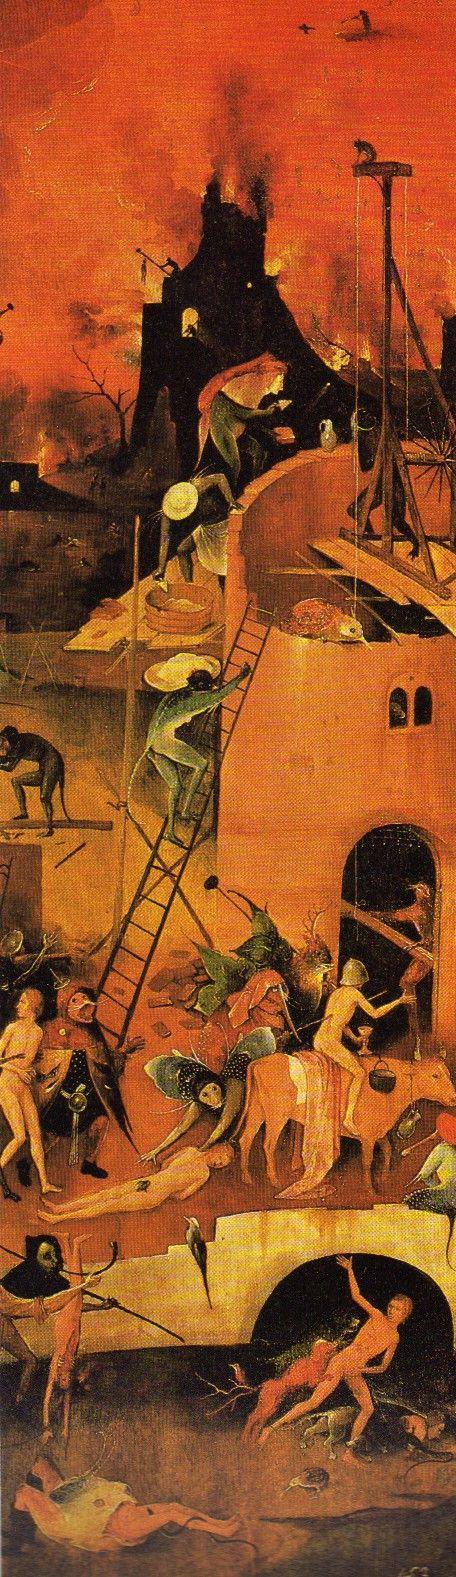 Salvatore Rosa.Las Tentaciones de San Antonio. (C.1646). Coldiroli. San Remo  Salvador Dalí - La tentación de San Antonio 1946 Hieronymus Bo...